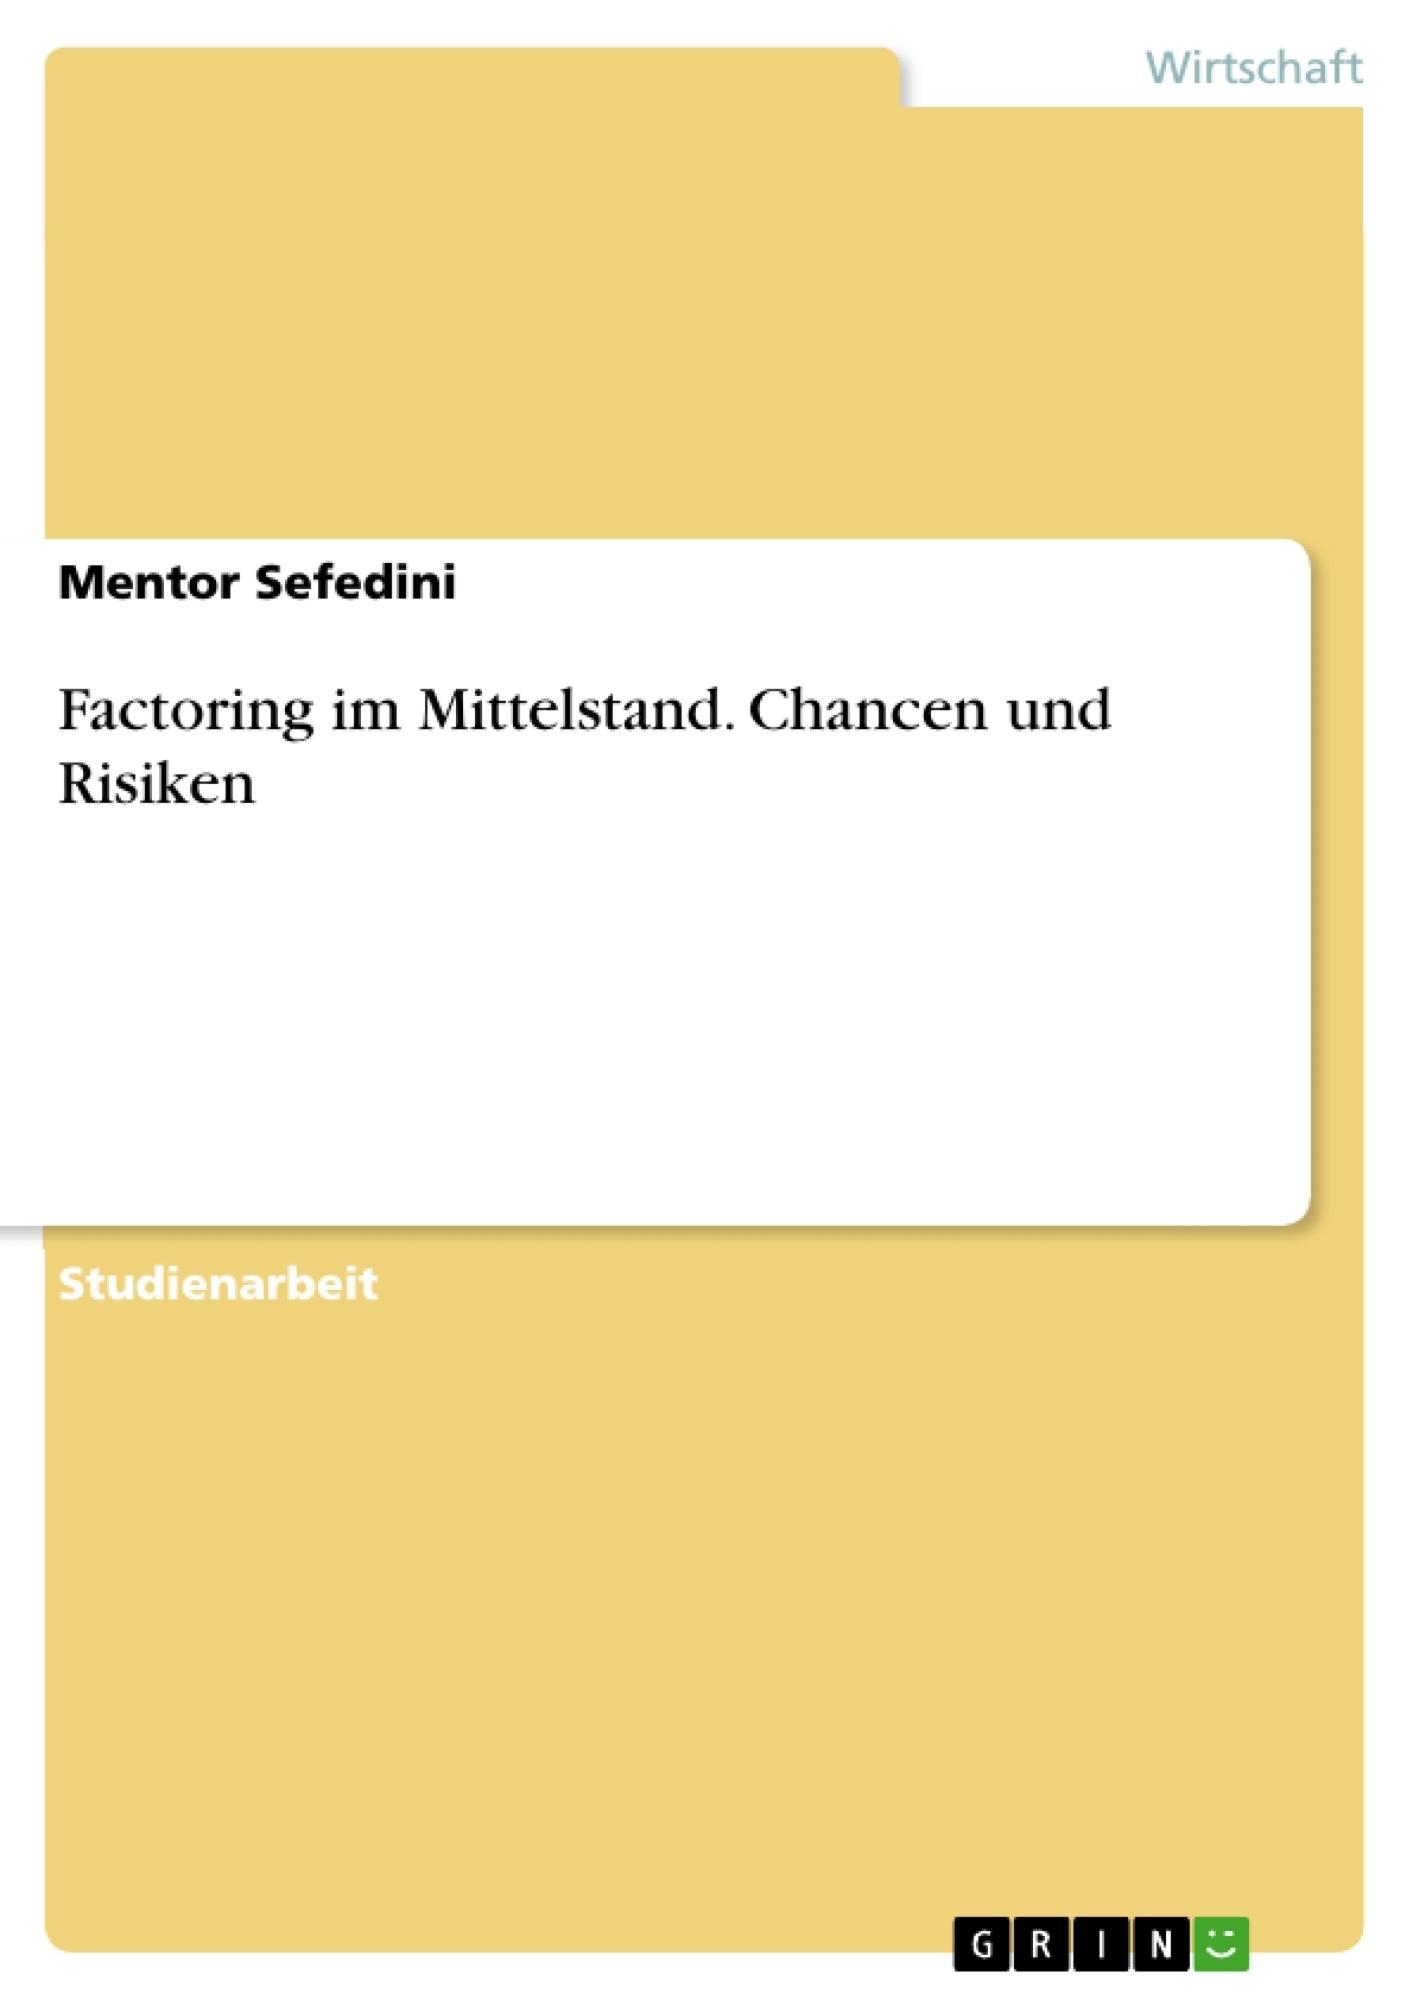 Titel: Factoring im Mittelstand. Chancen und Risiken